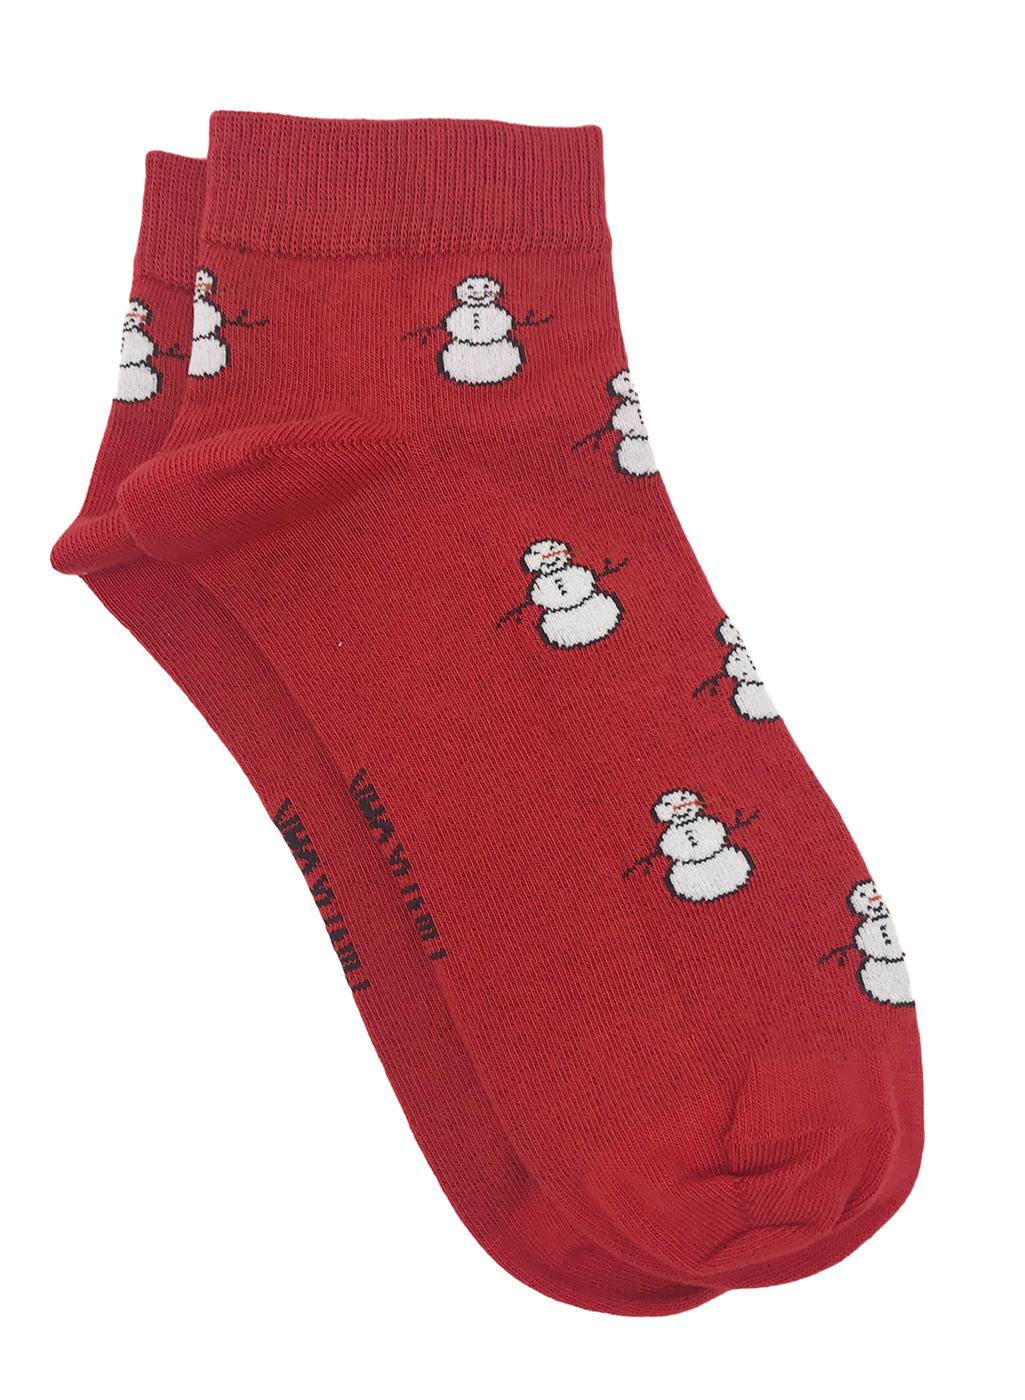 Mint & Oak | Mint & Oak Mr. Snowman Red Ankle Length Socks for Men